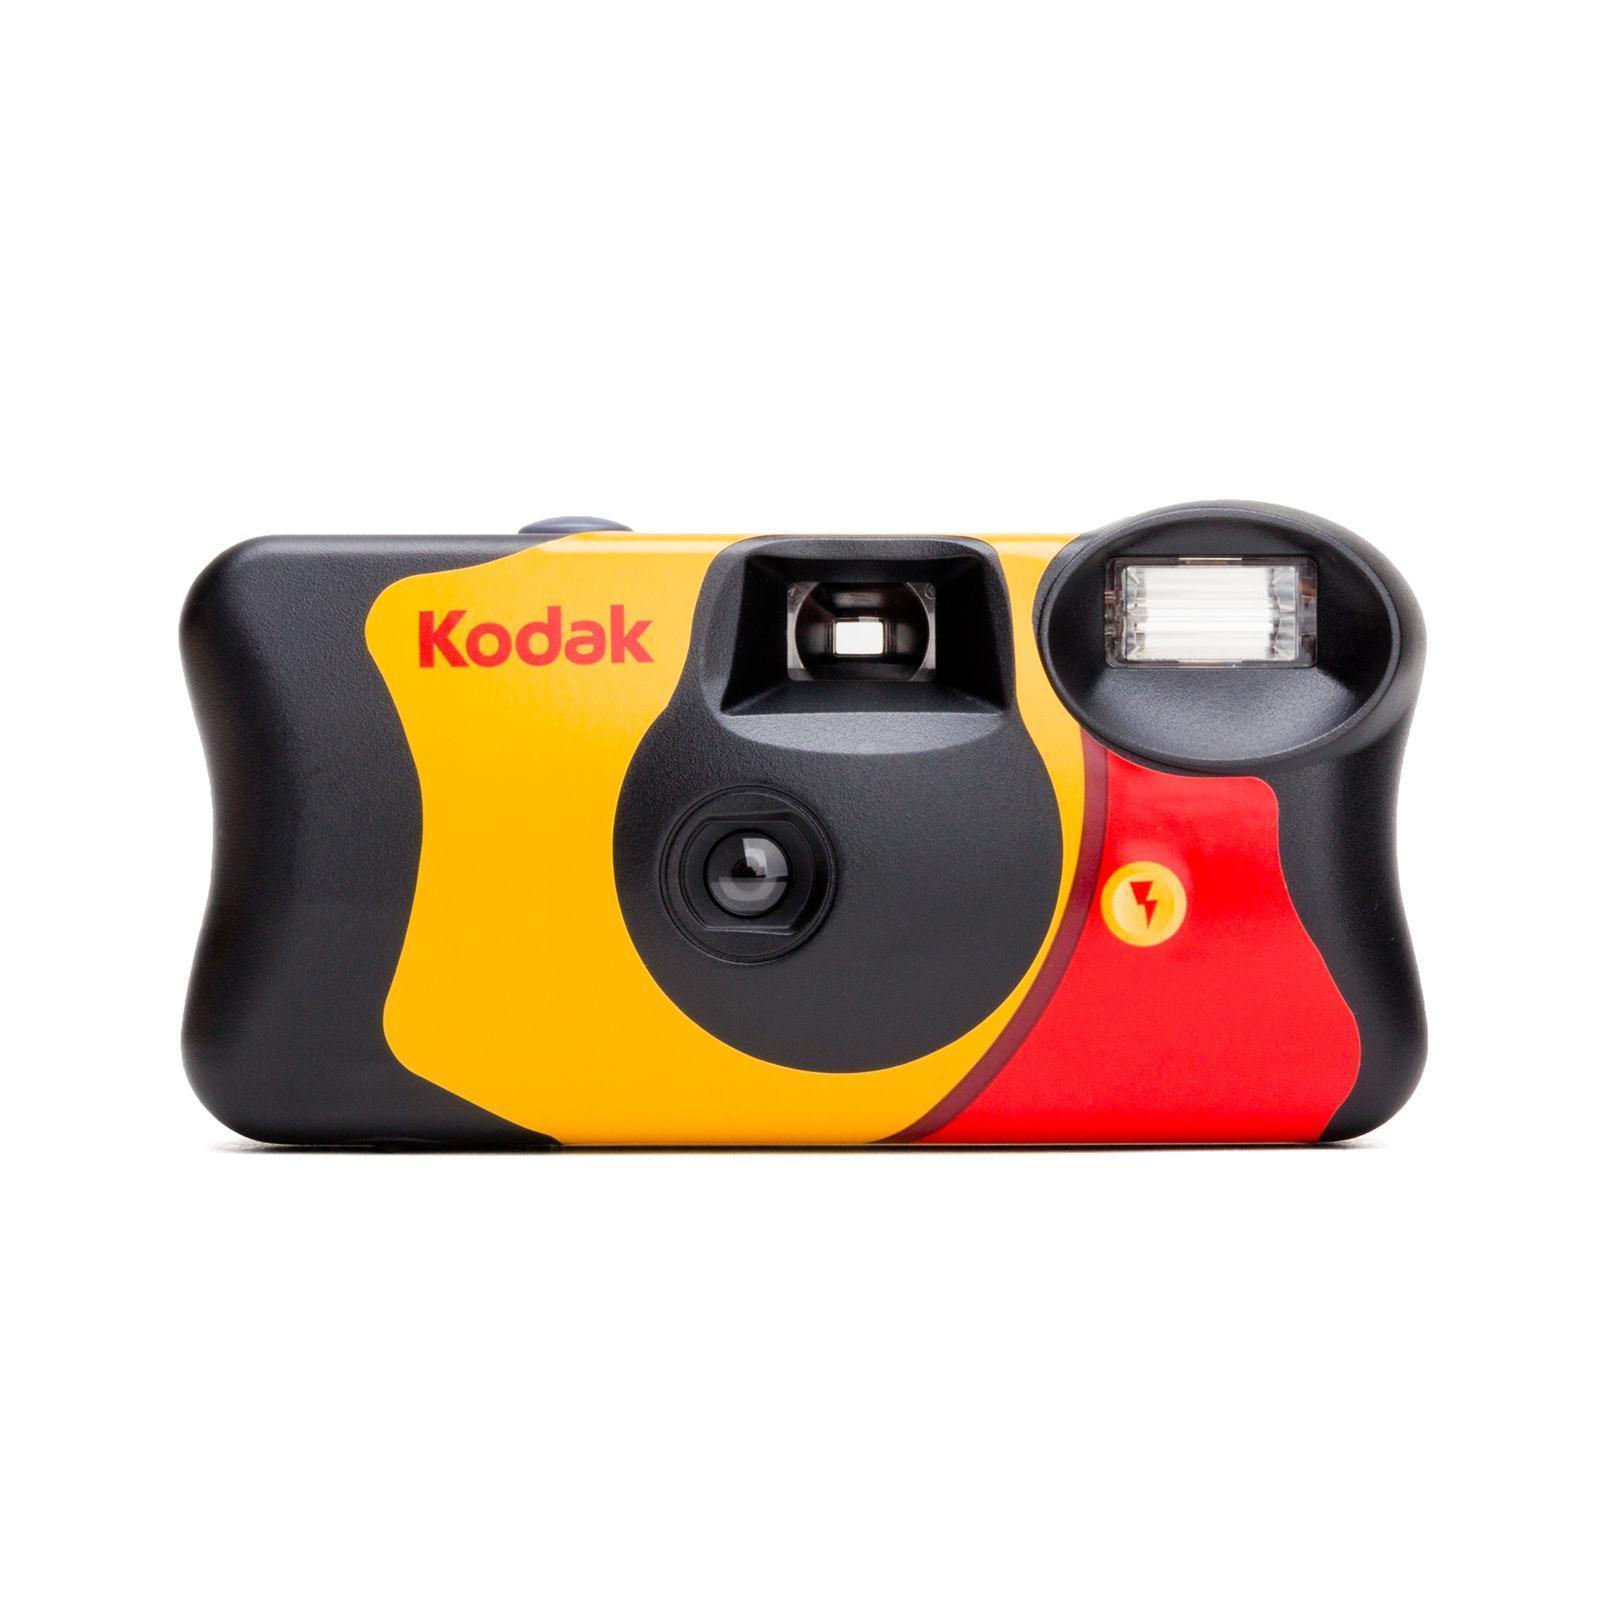 美国Kodak柯达一次性傻瓜胶卷相机FunSaver 27张彩色有闪灯 现货 Изображение 1